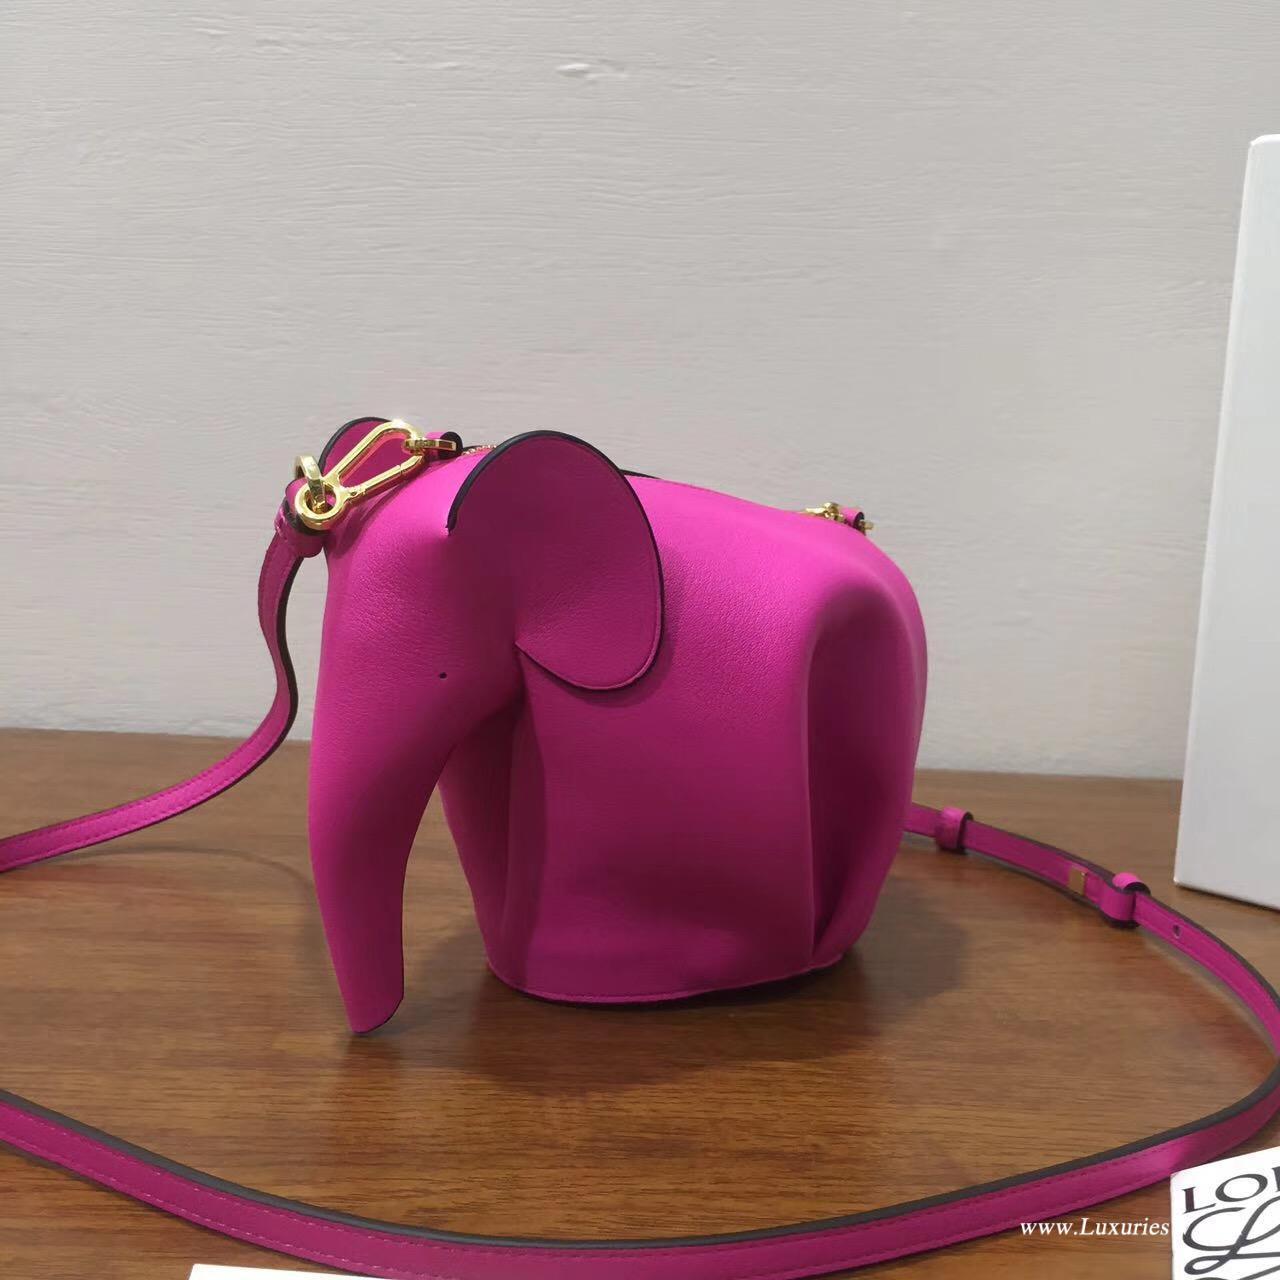 羅意威LOEWE女包 Animales Elephant Mini Bag 桃紅色小牛皮 迷妳包 大象包